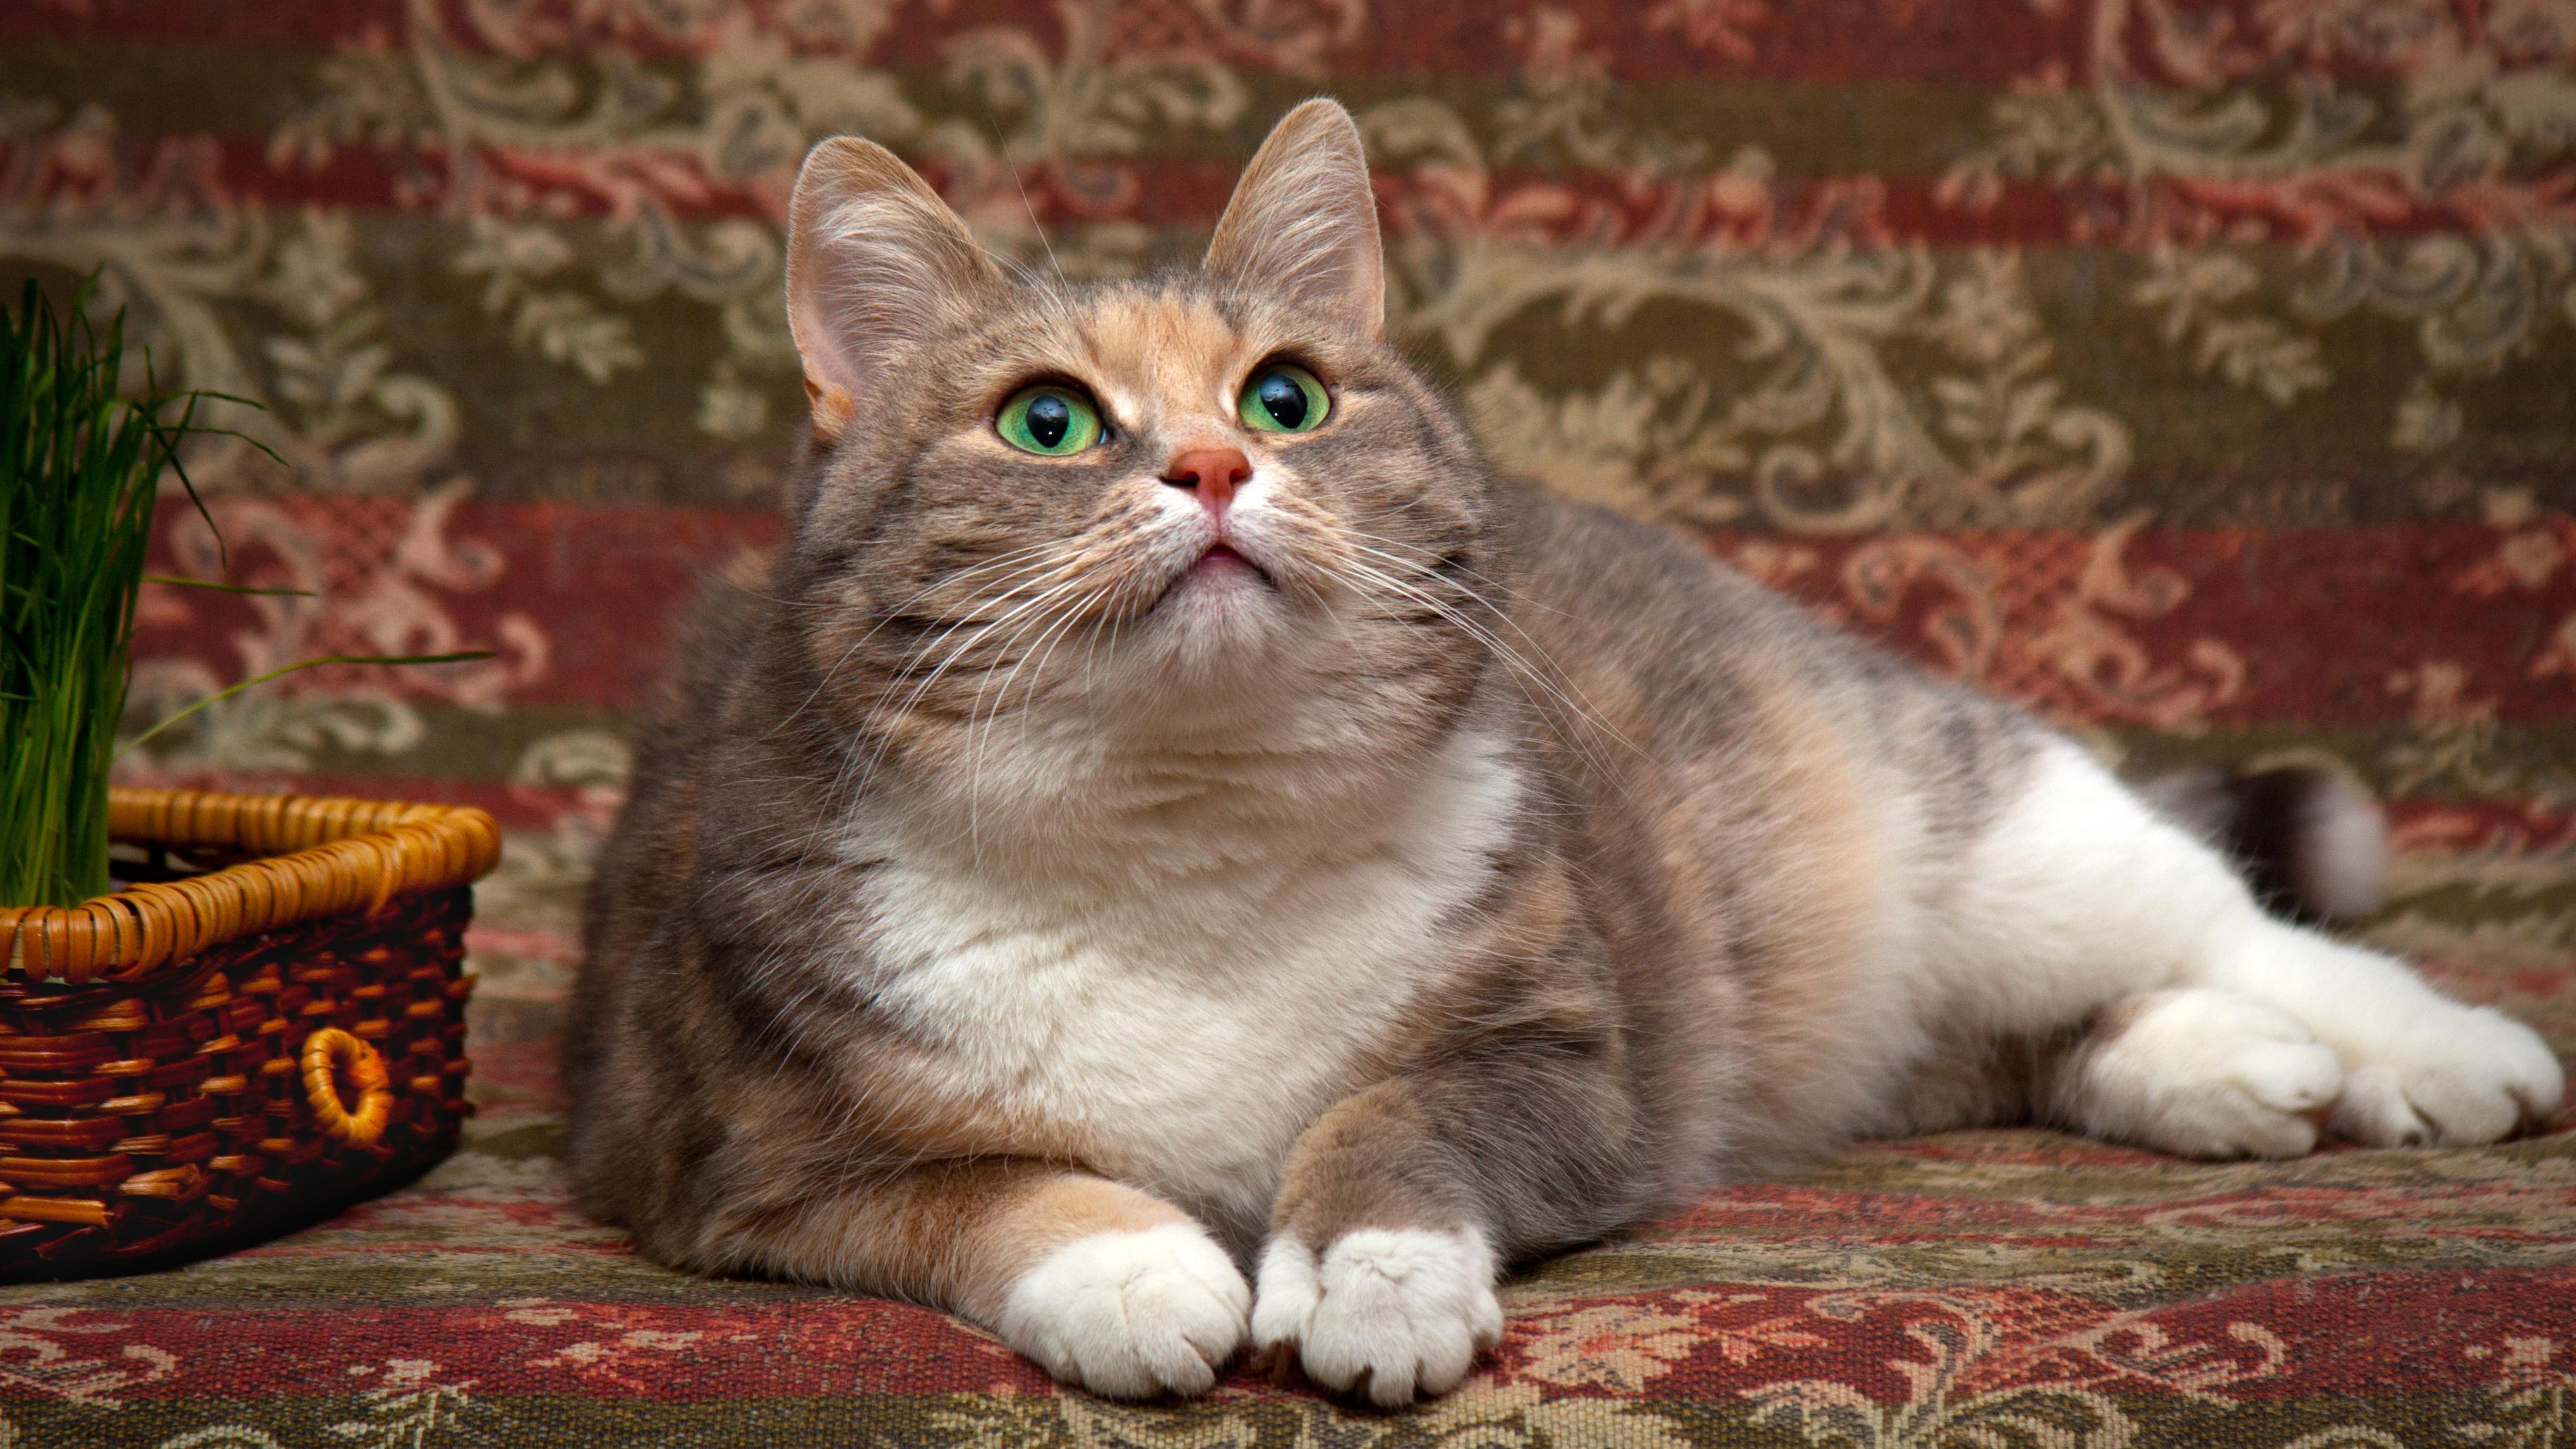 Картинка: Мордочка, кошка, пушистая, красивая, смотрит, вверх